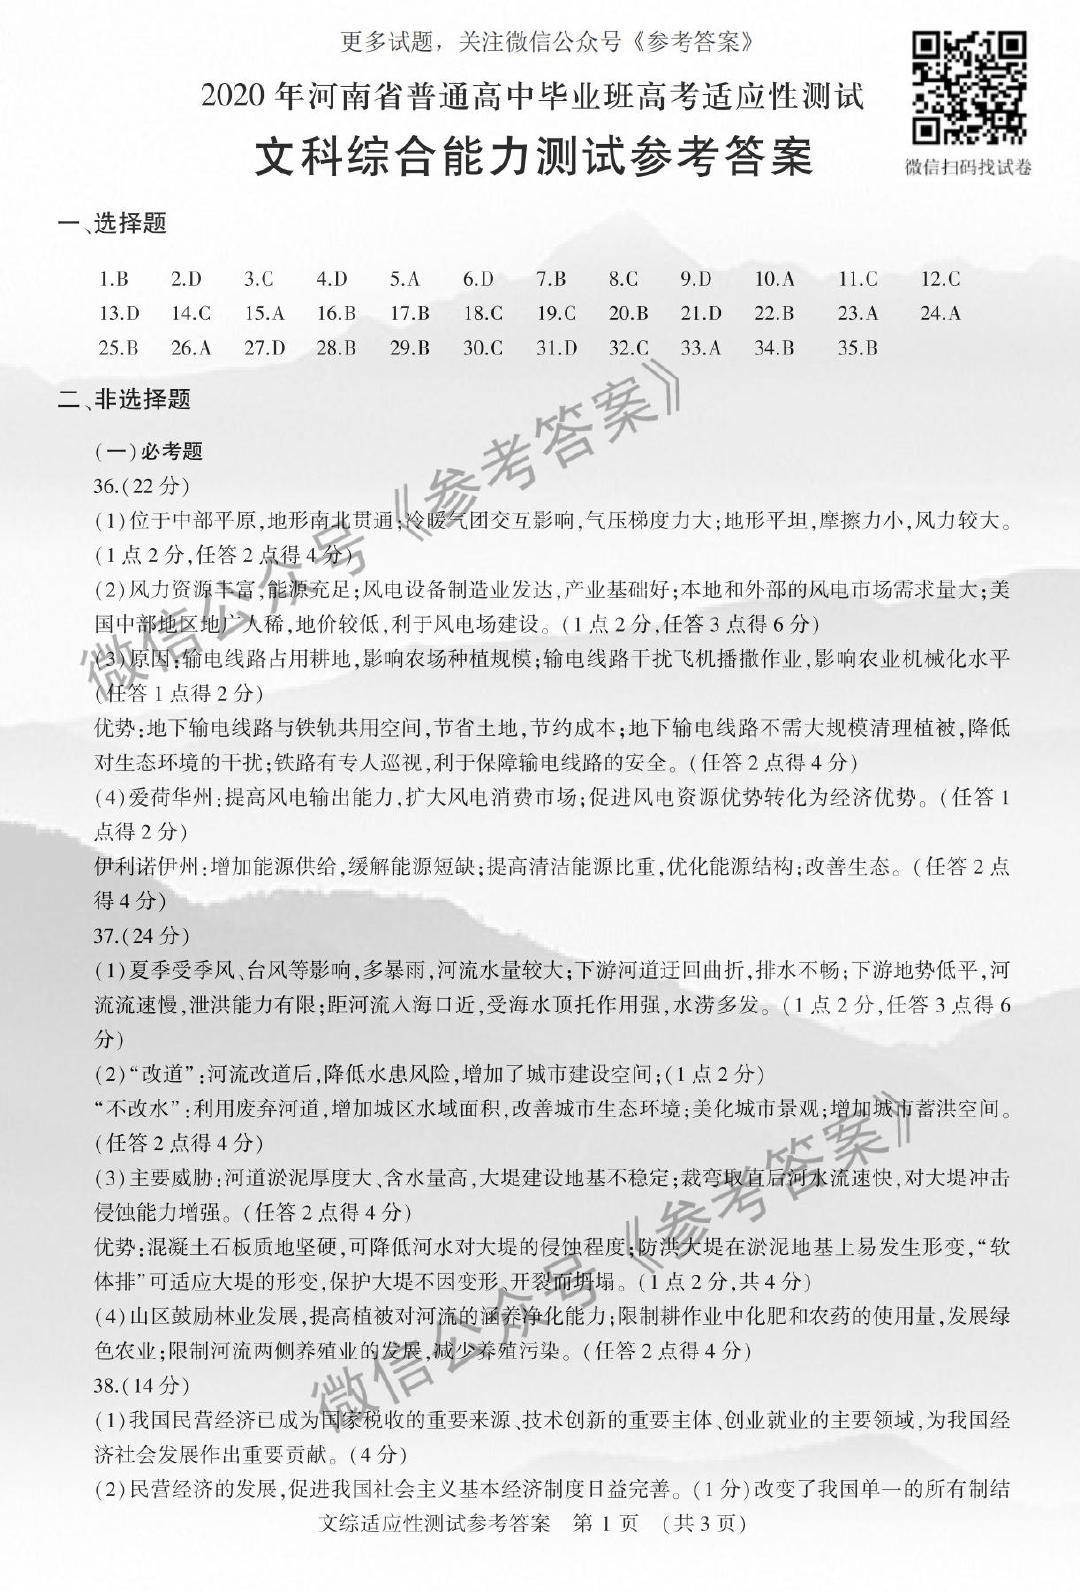 2020年河南省高考适应性测试文综(文科综合),4月29日上午开考